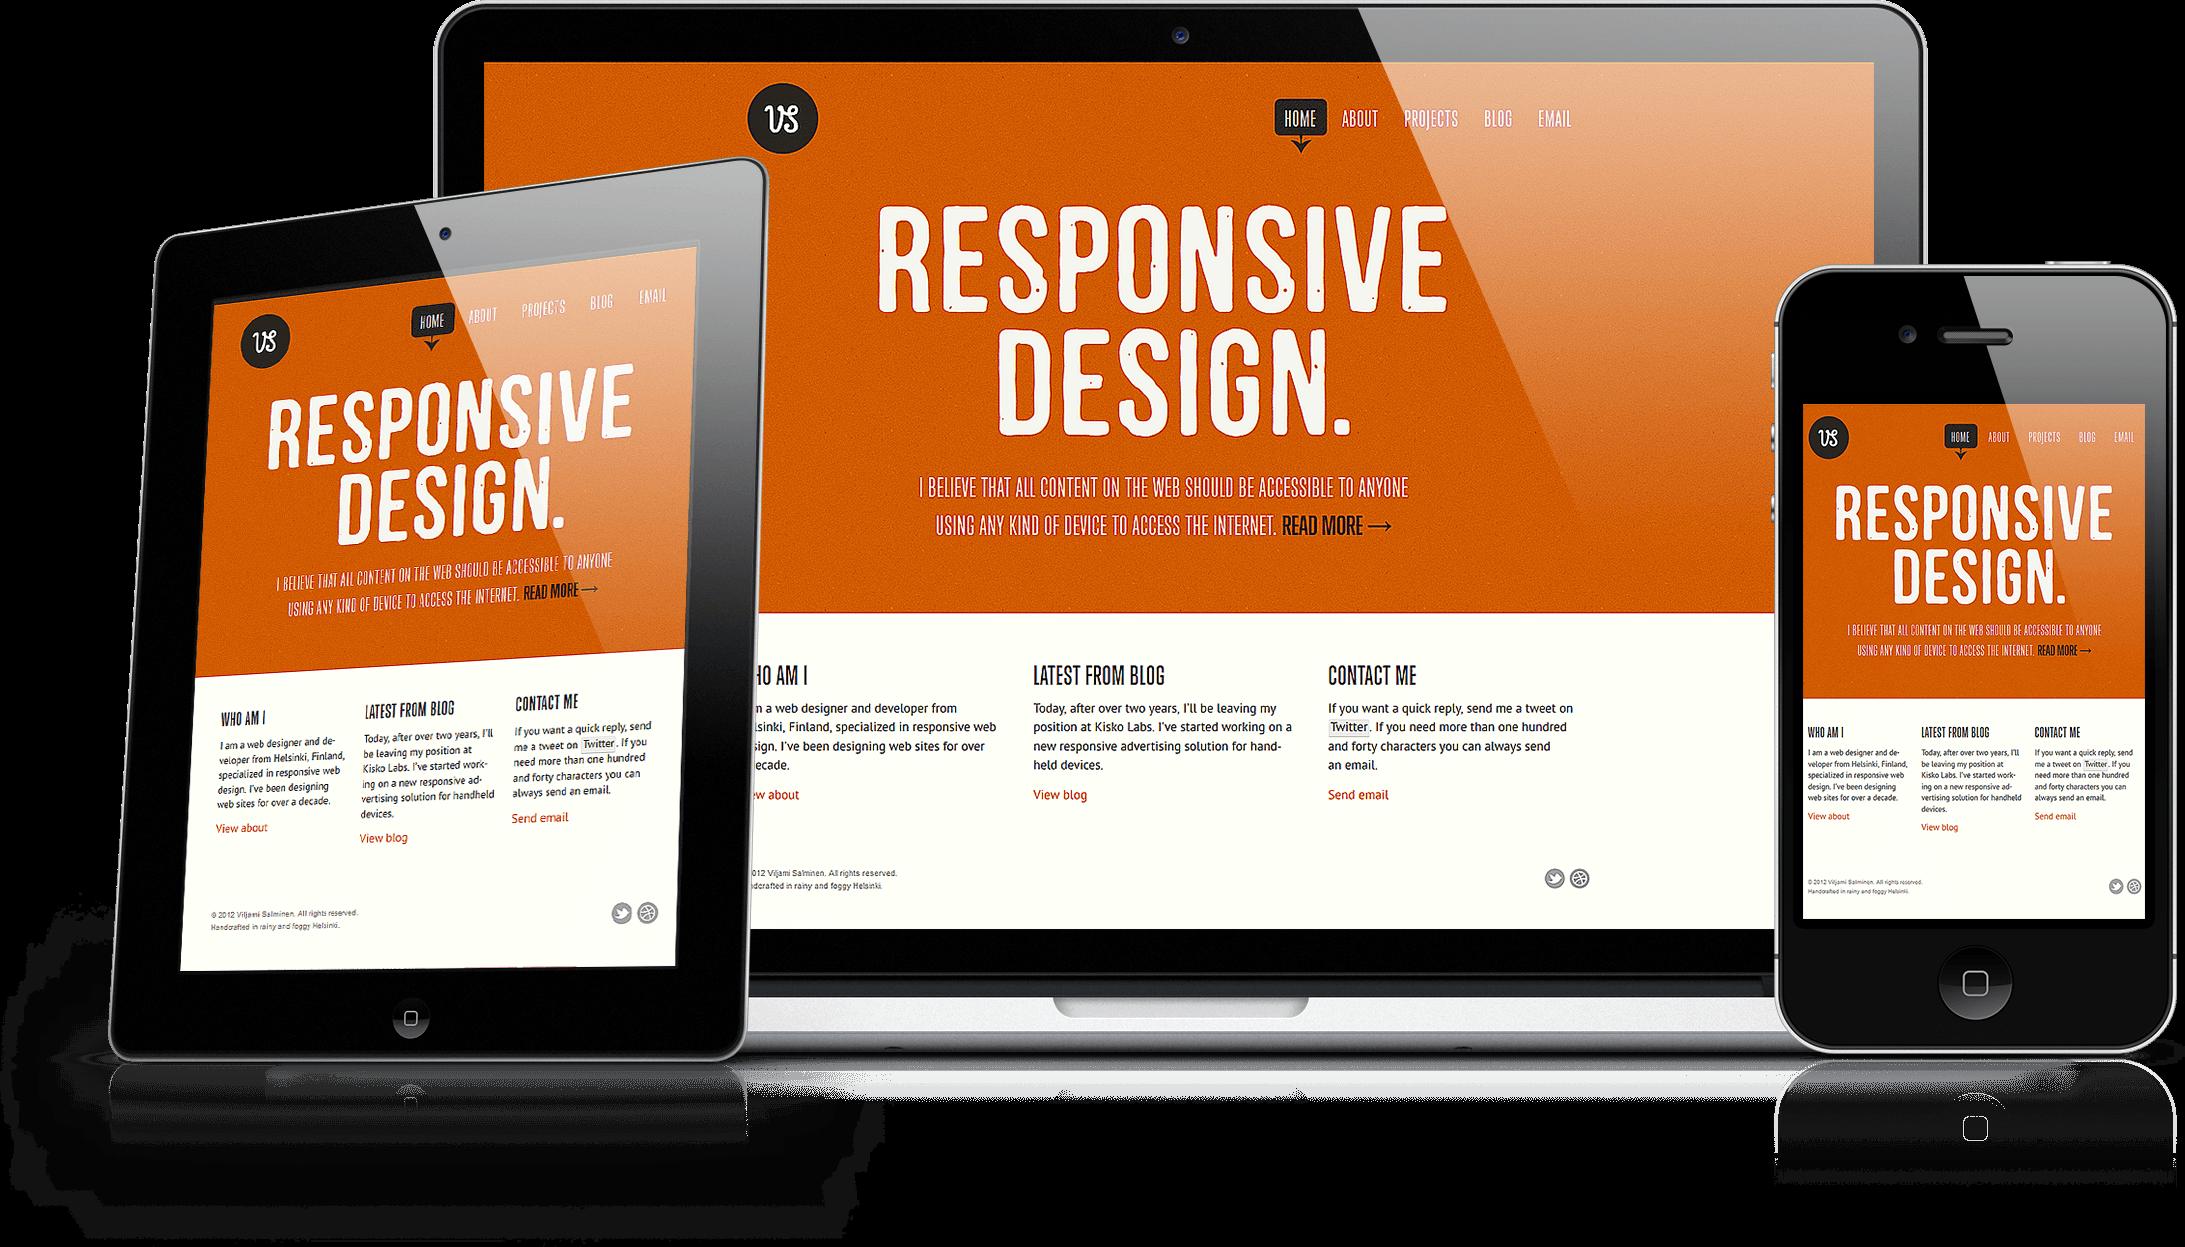 Digital Marketing Ecommerce Website Design Services